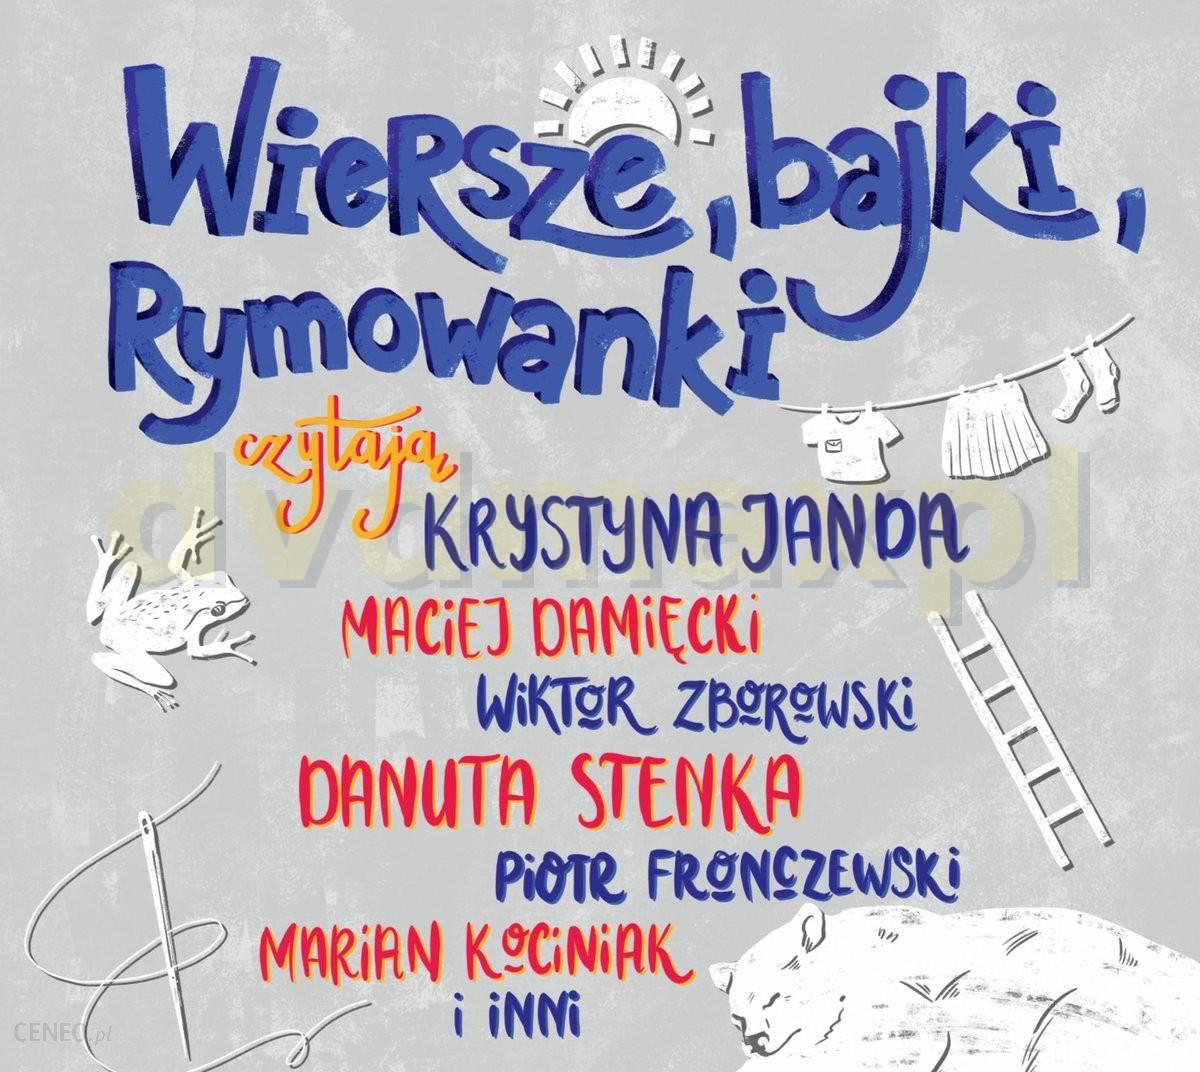 Wiersze I Bajki Rymowanki Krystyna Janda Maciej Damięcki Wiktor Zborowsi Cd